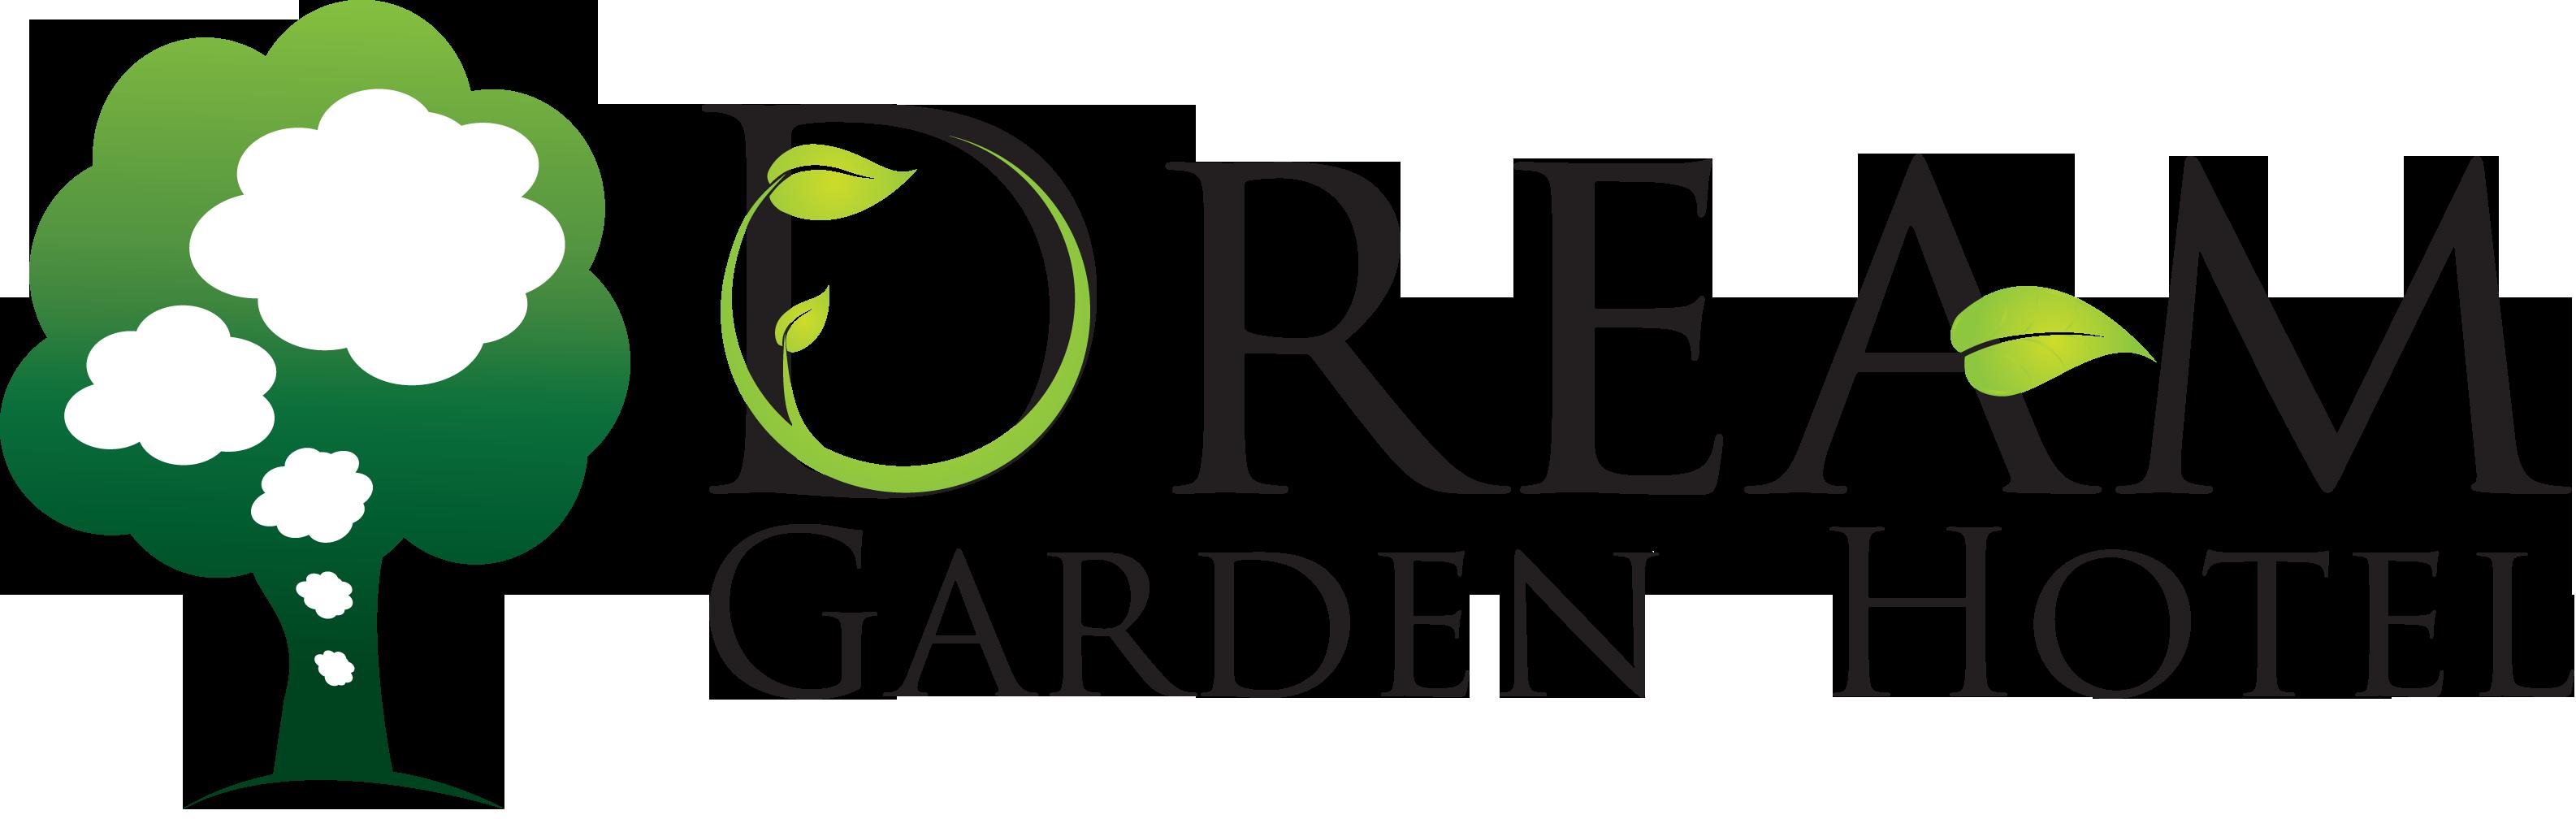 Hotel . Gate clipart dream garden